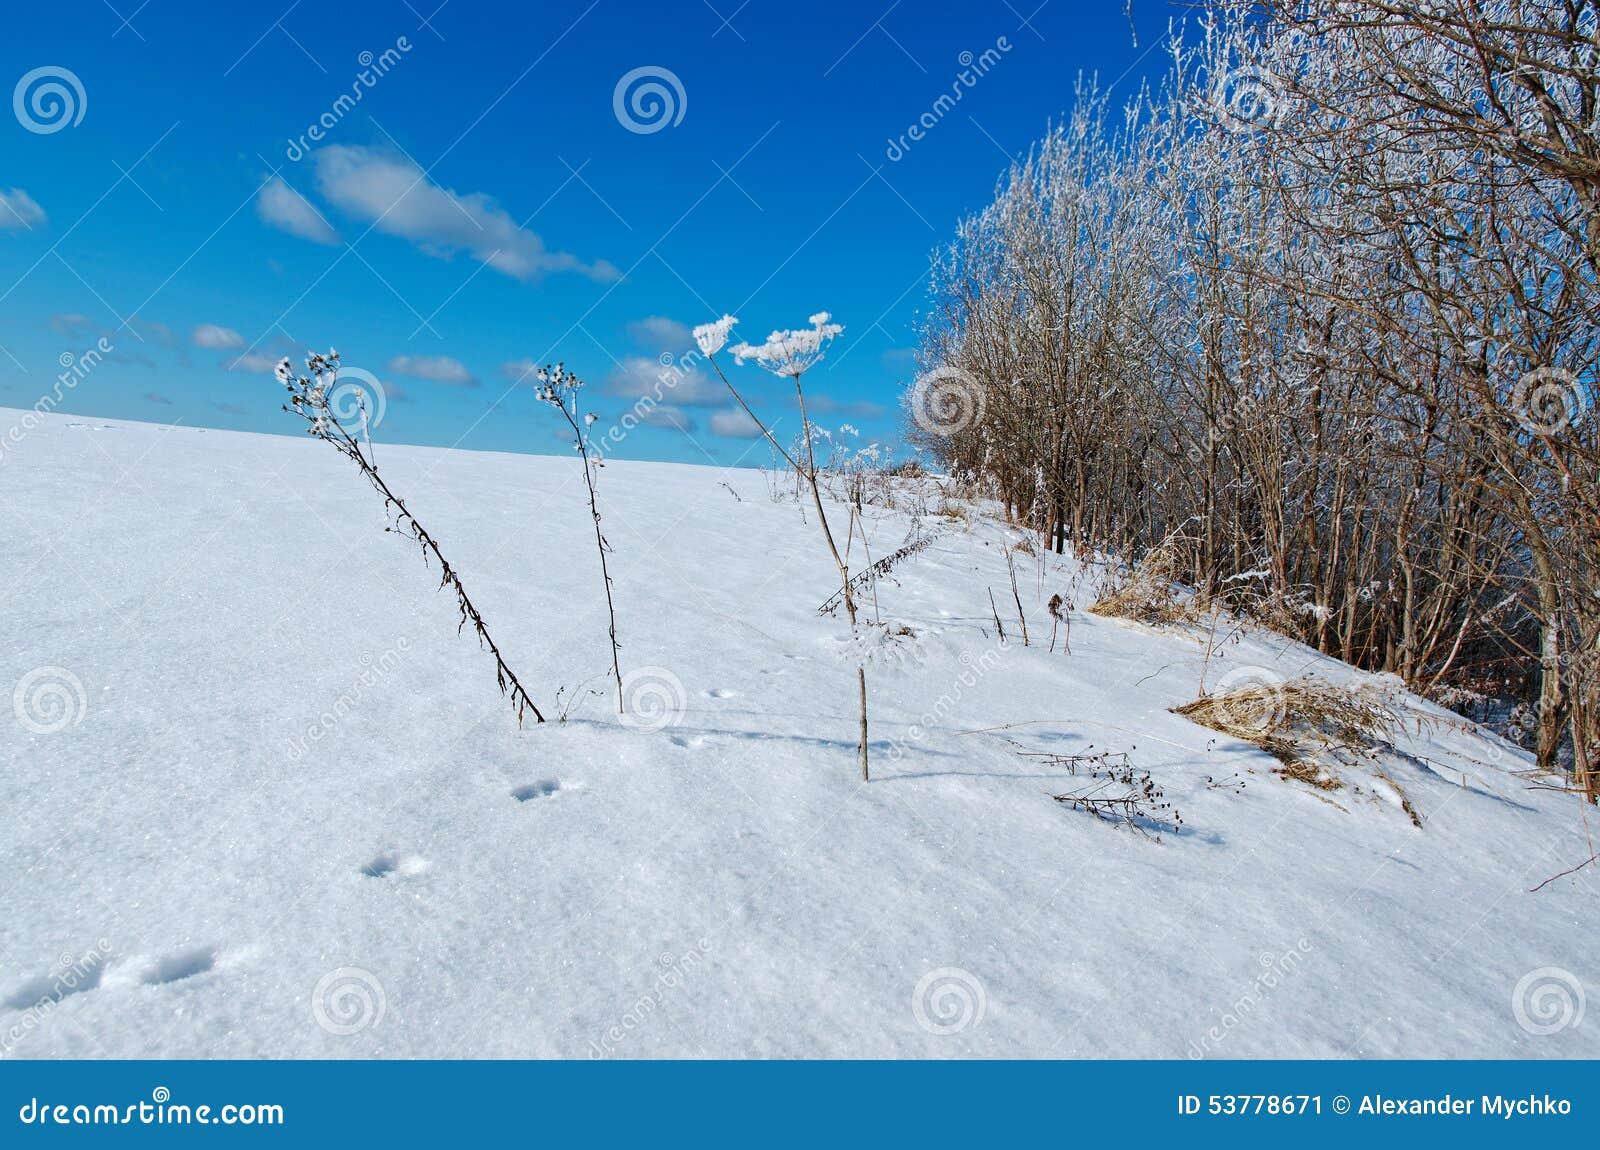 Styczeń 33c krajobrazu Rosji zima ural temperatury mrożone drzewa